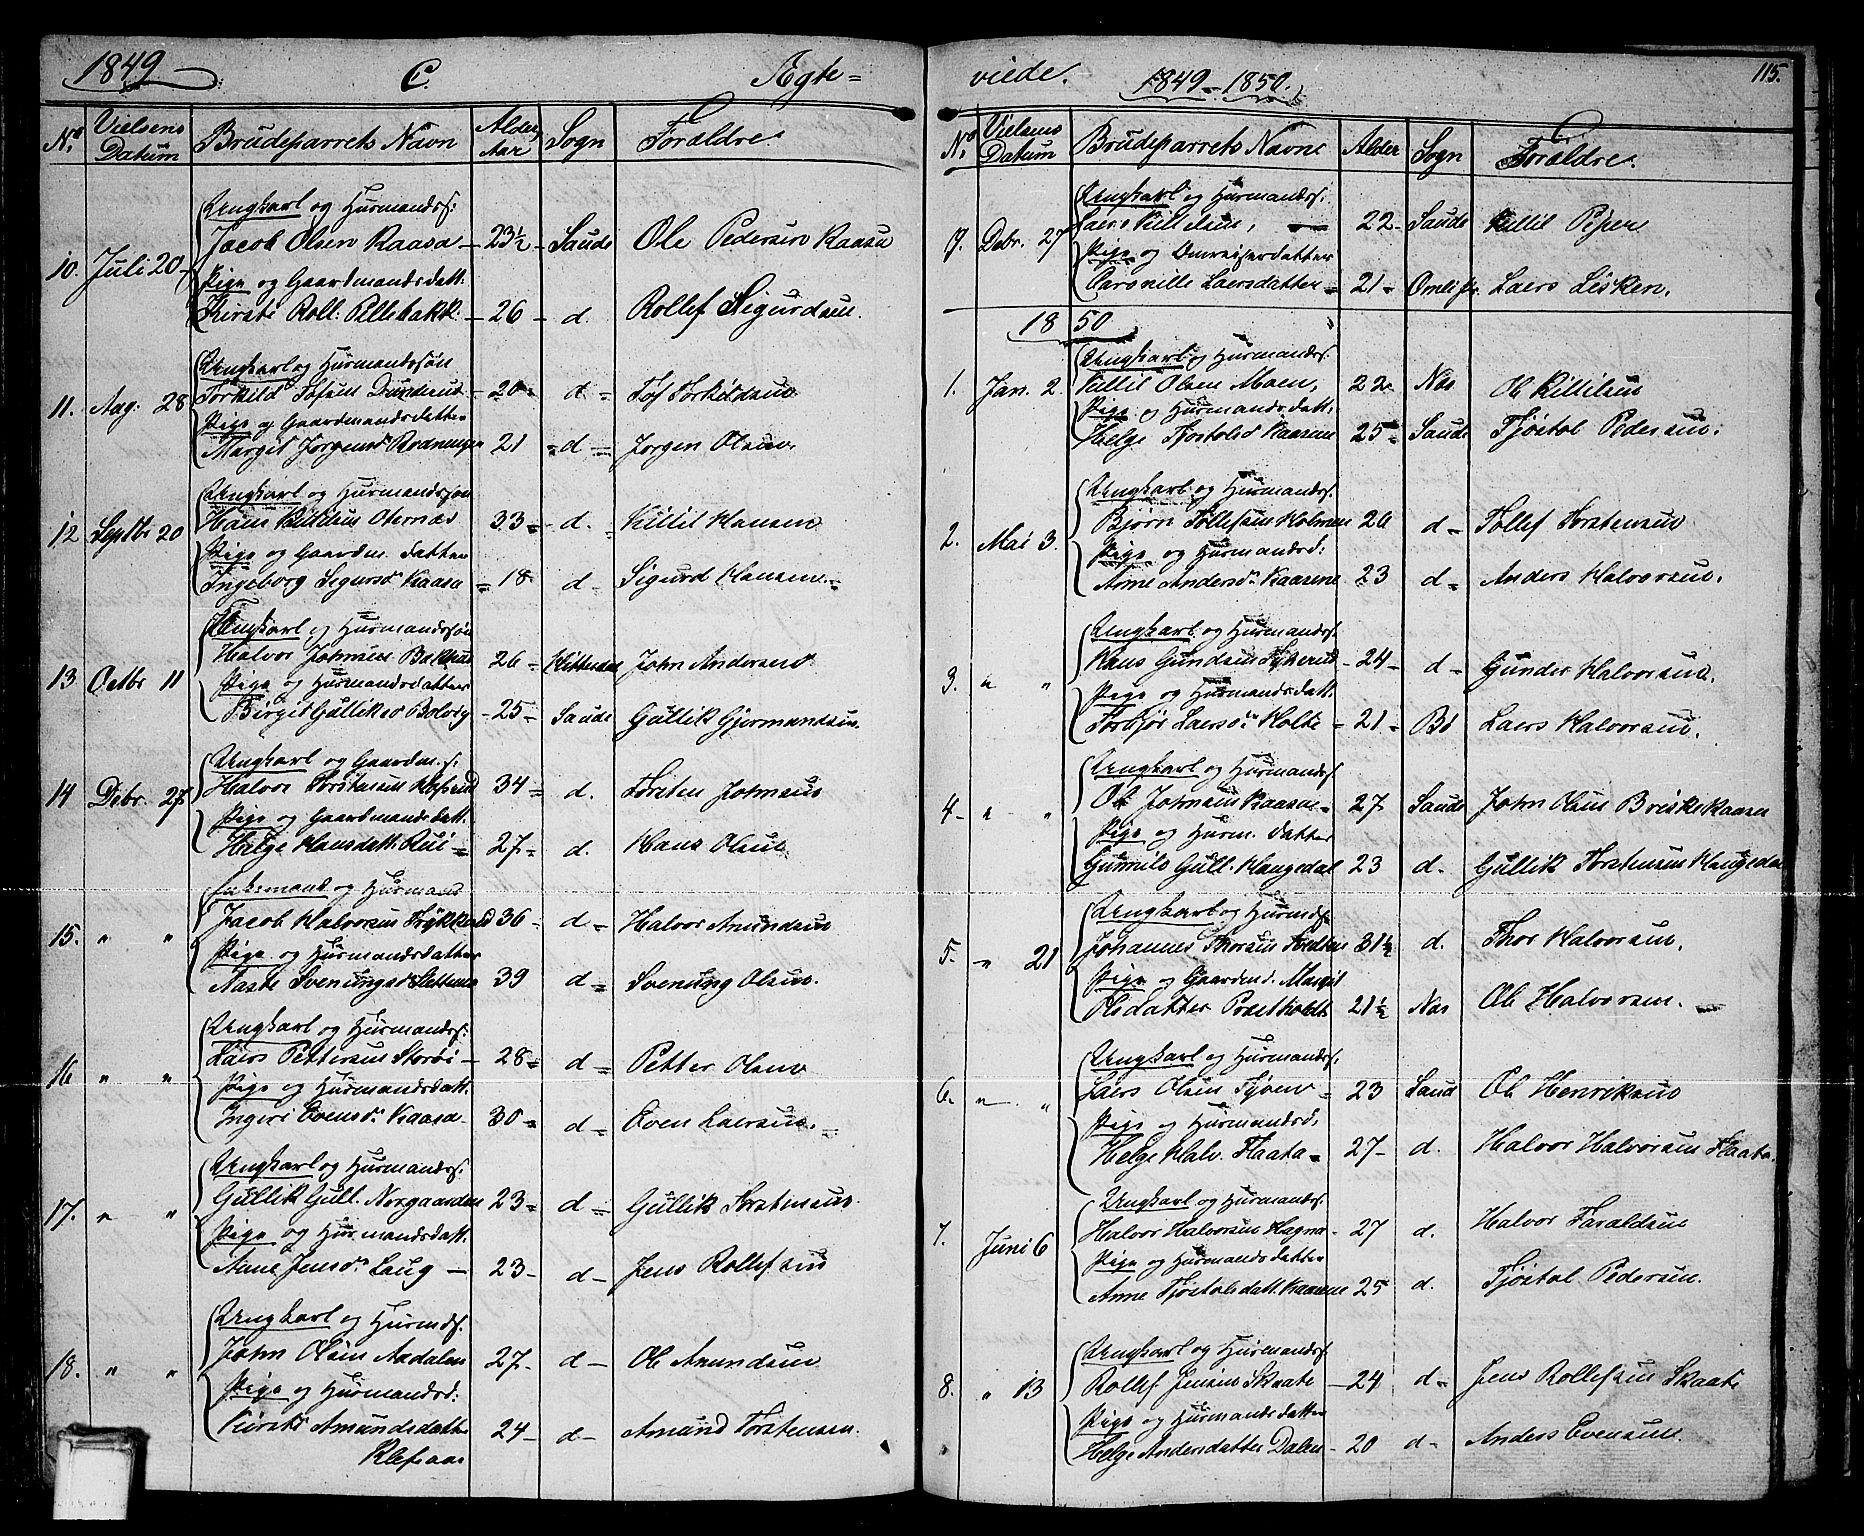 SAKO, Sauherad kirkebøker, G/Ga/L0002: Klokkerbok nr. I 2, 1842-1866, s. 115